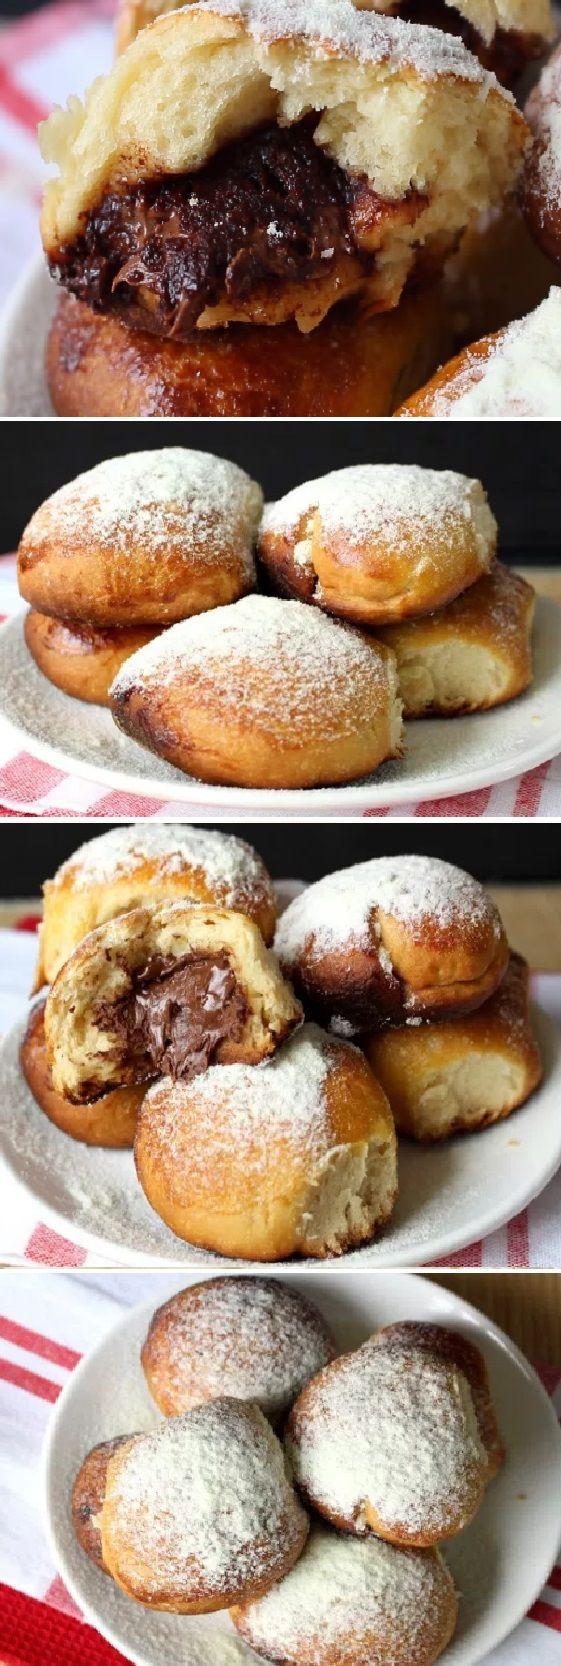 Después de que mi suegra me preparó este PAN de leche en polvo con Nutella, me casé con su hija!  #dulces #nutella #leche #enpolvo #comohacer  #pan #panfrances #pantone #panes #pantone #pan #receta #recipe #casero #torta #tartas #pastel #nestlecocina #bizcocho #bizcochuelo #tasty #cocina #chocolate   Coloque la mantequilla, parte de la harina de trigo y la sal y vaya mezclando y ag...